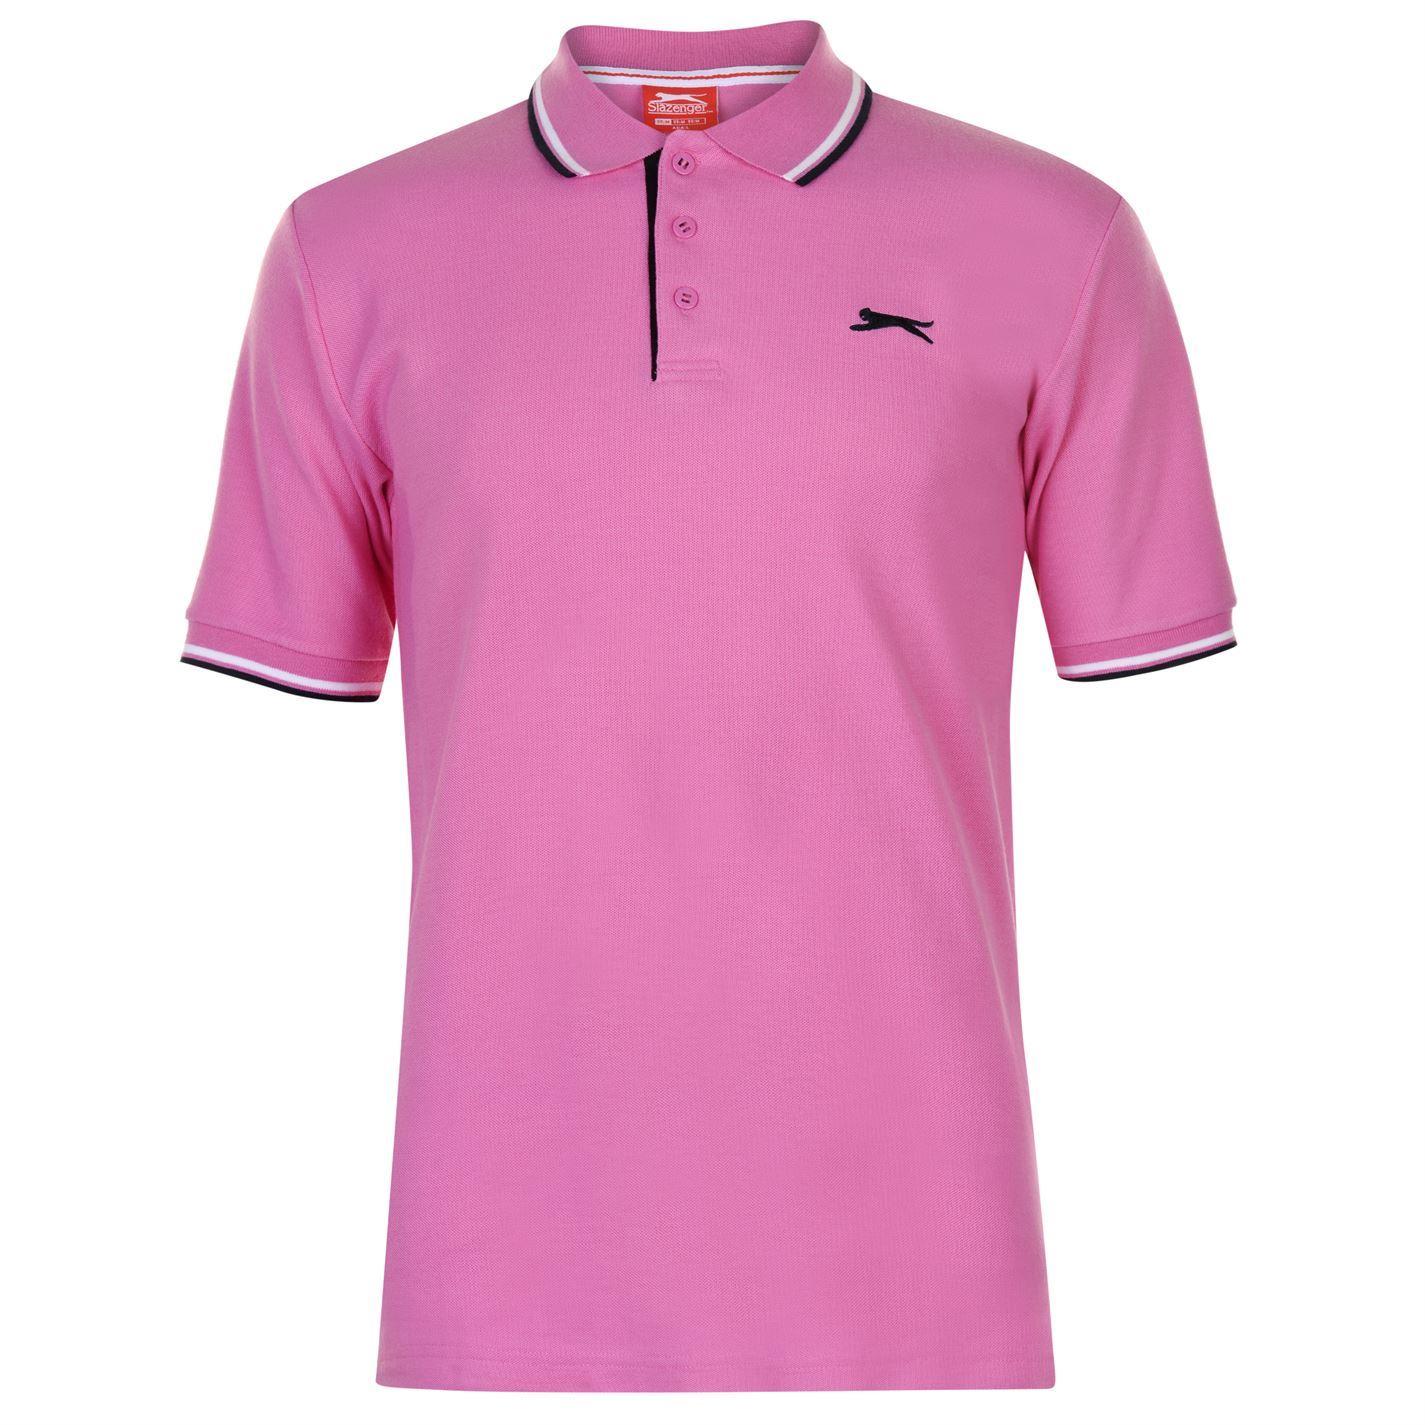 Slazenger-Polo-Camisa-de-hombre-con-cuello-con-Punta-T-Shirt-Top-Camiseta-Tee miniatura 20